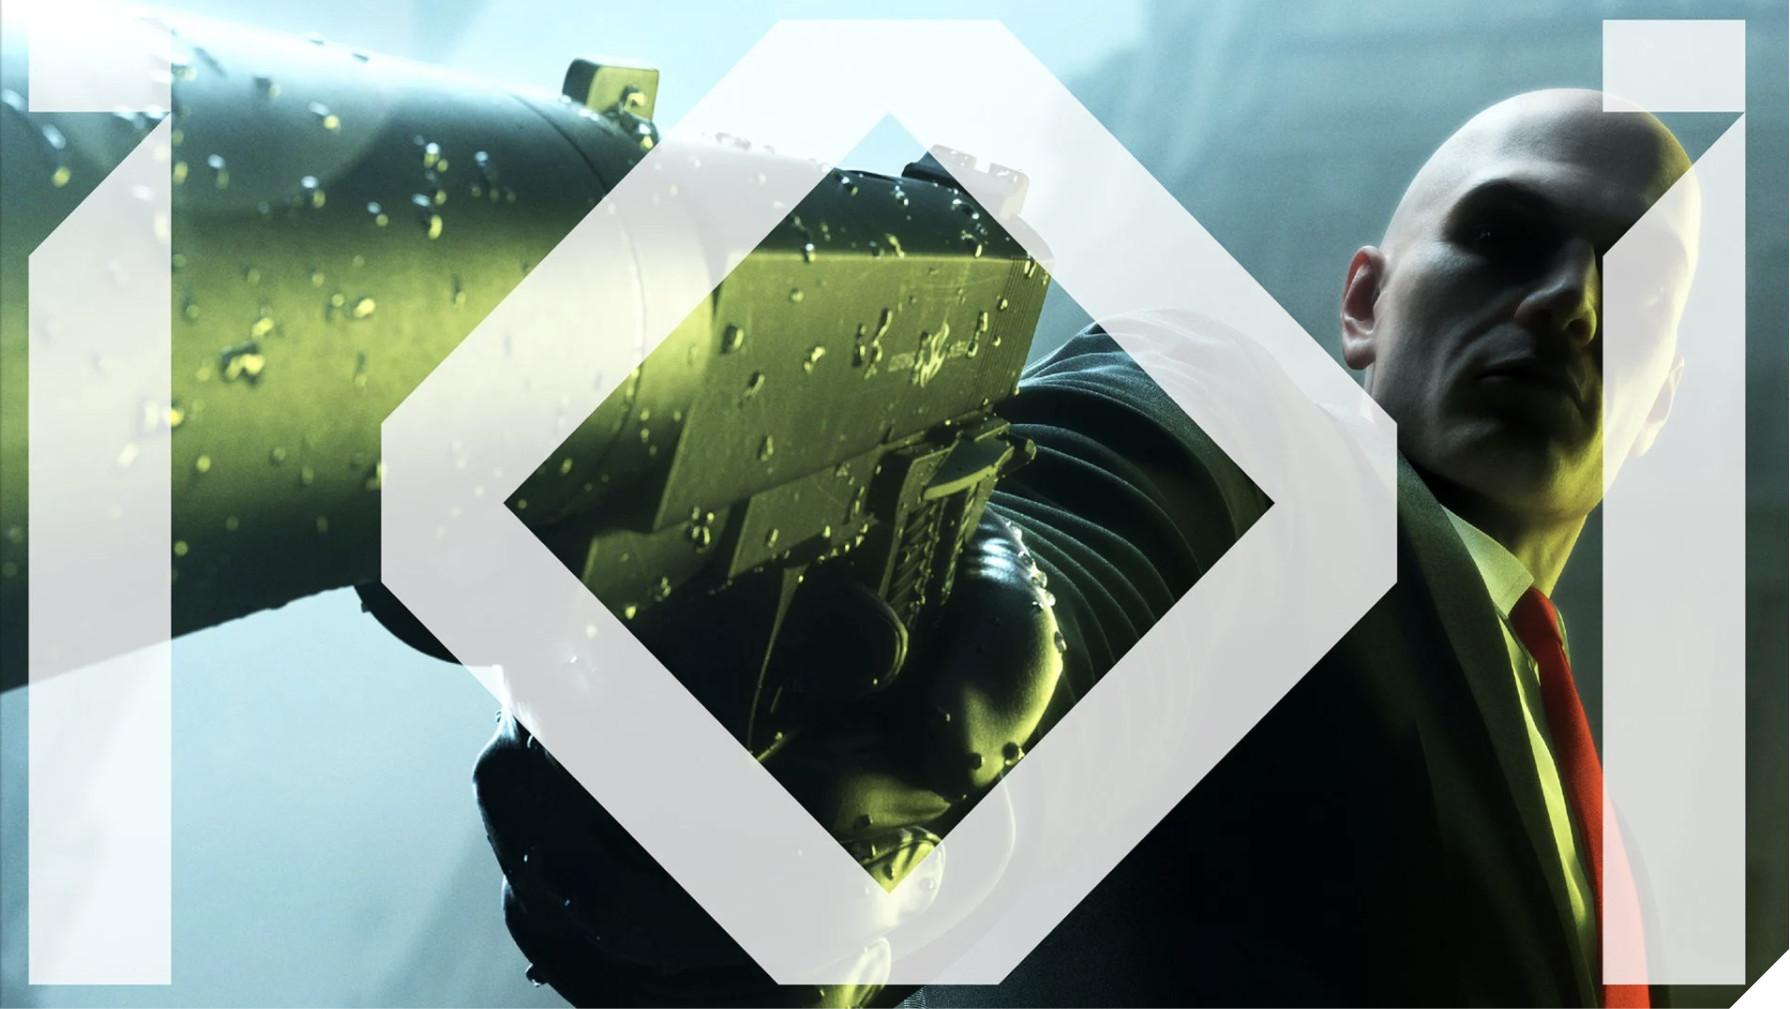 《杀手》开发商IO互动:脱离SE后 很多公司提出很有吸引力的收购